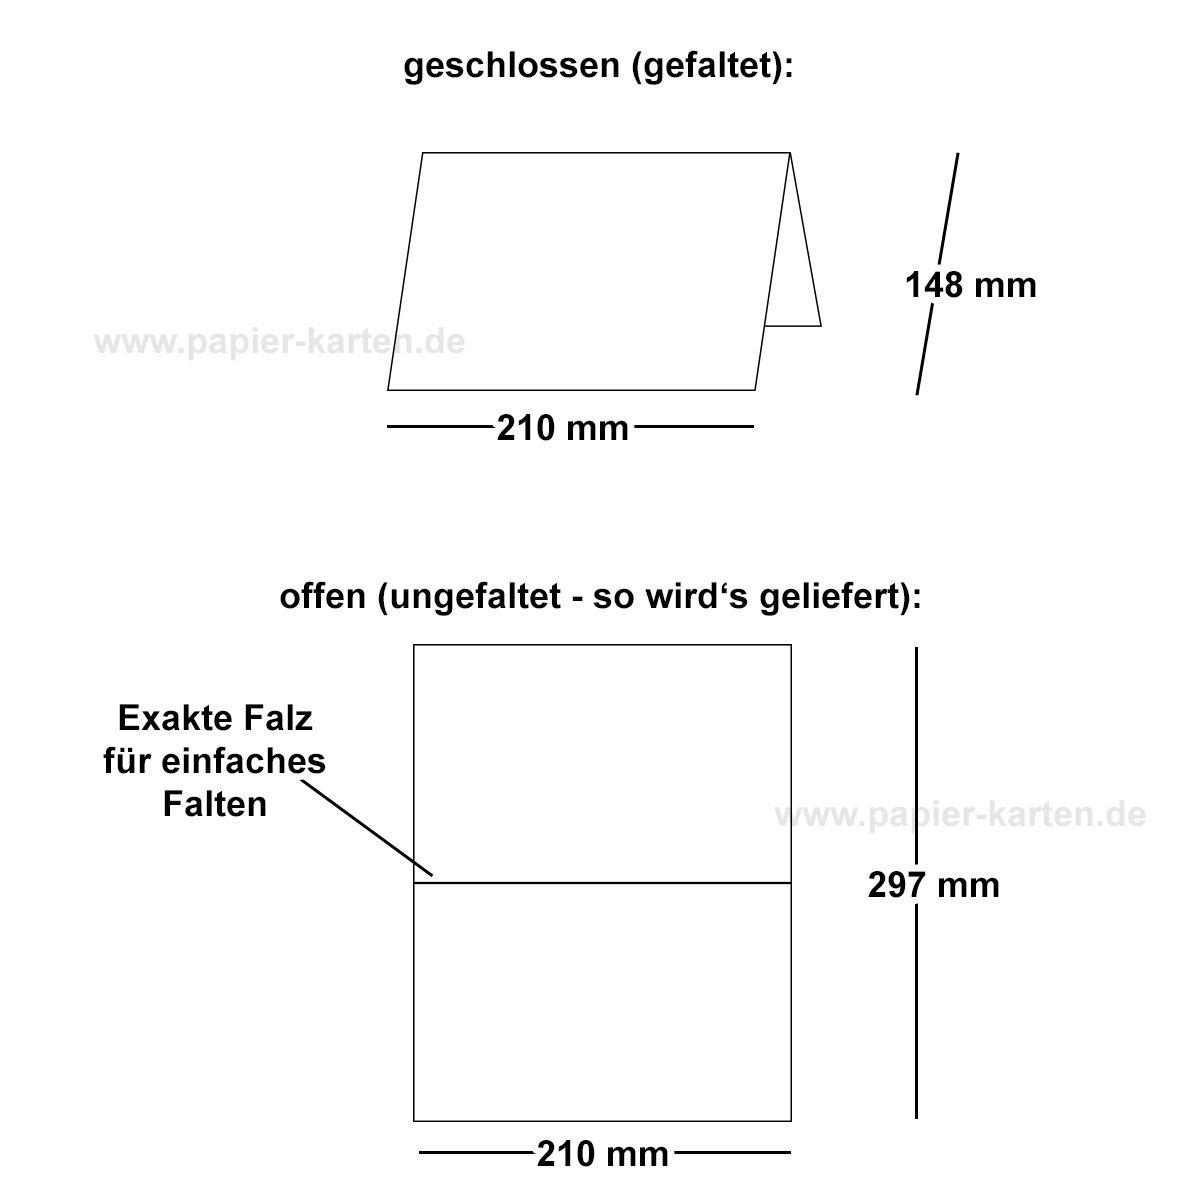 1de98e8dc04a7 100x faltbares Einlege-Papier für DIN A5 Doppelkarten   cremefarben   297 x  210 mm (210 x 148 mm gefaltet)   ideal zum Bedrucken mit Tinte und Laser ...